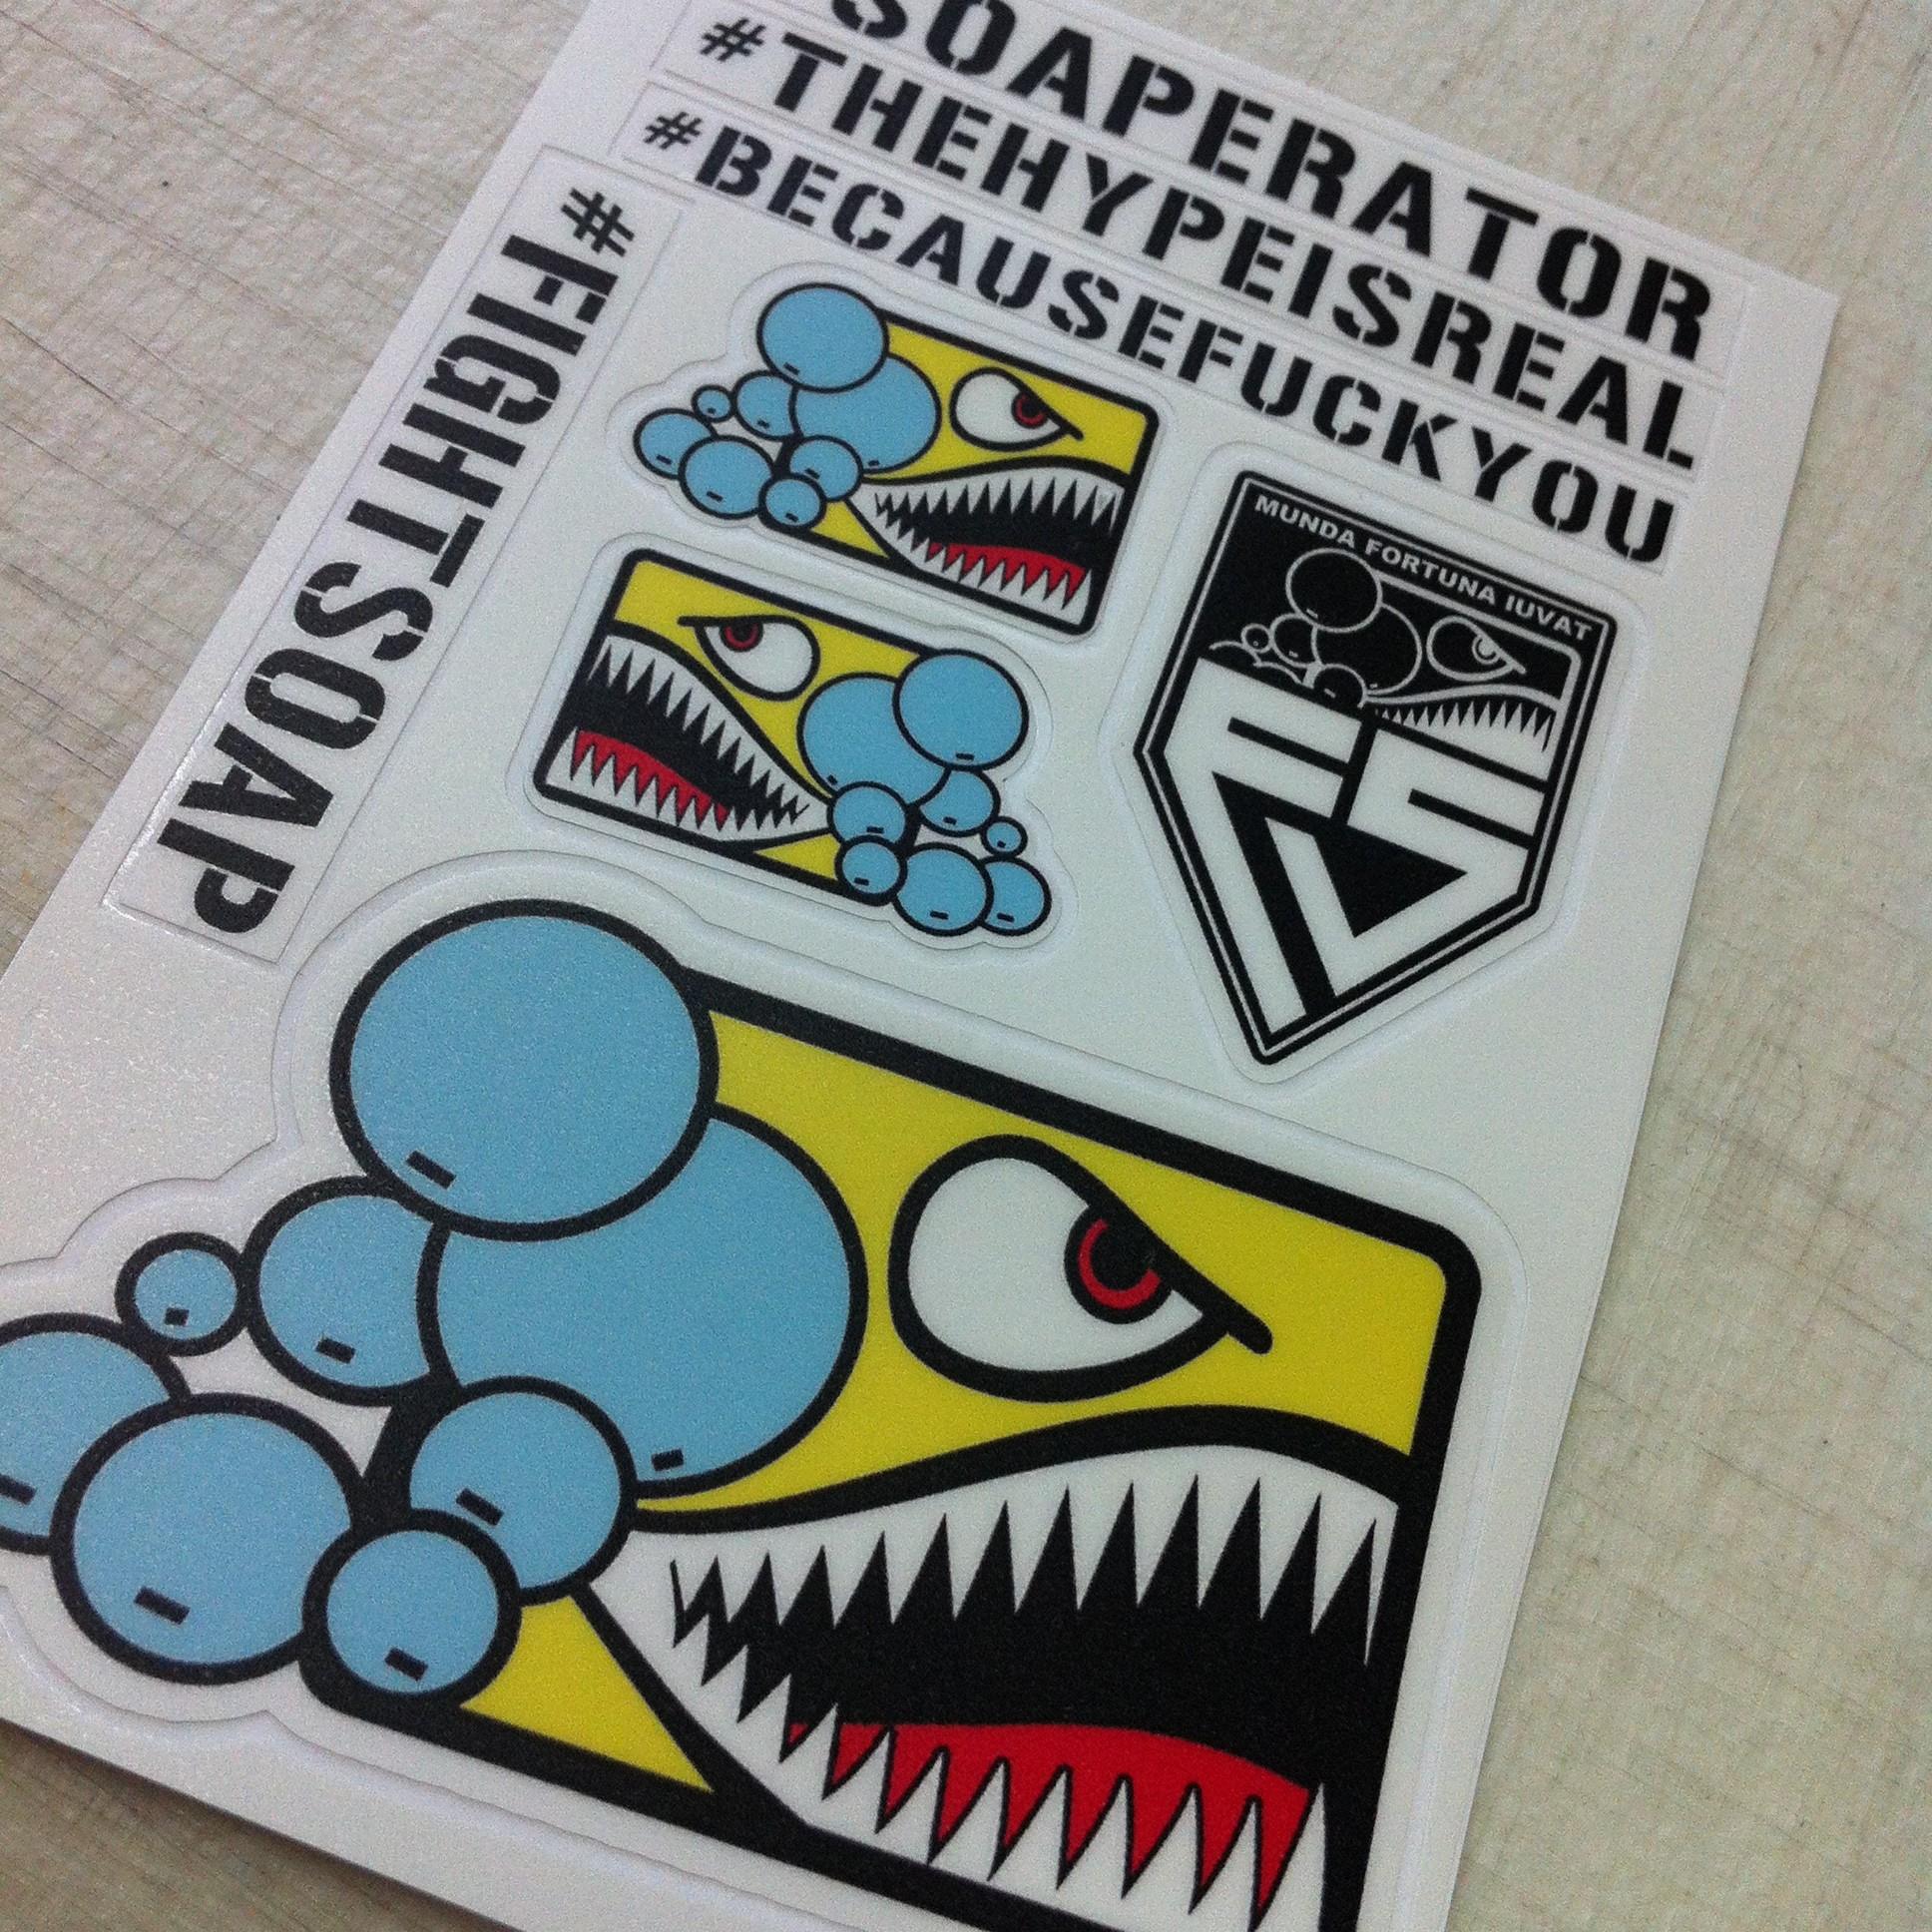 Kiss Cut Sticker Sheets Stick No Evil Custom Stickers DieCut - Custom die cut stickers vs regular stickers